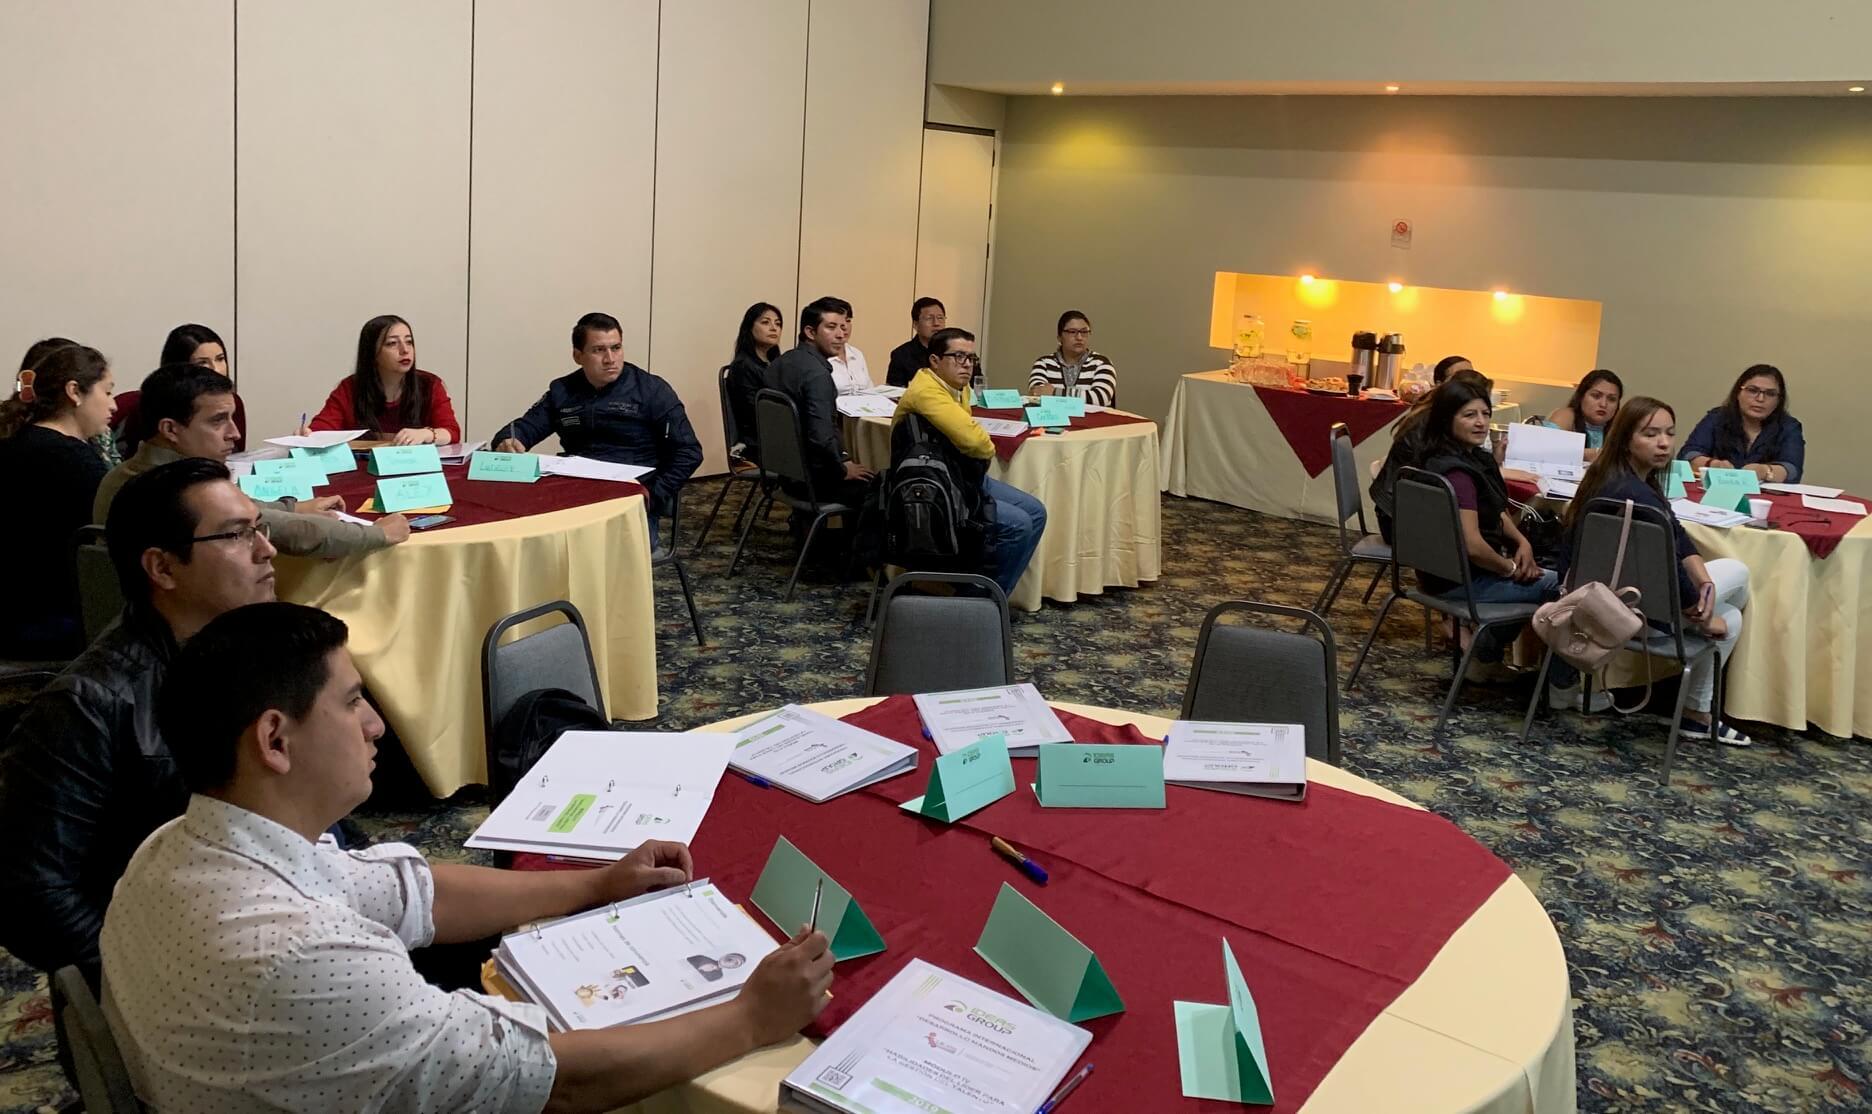 Programa de Desarrollo de Mandos Medios -Módulo 4 Fundación FACES - Loja, Ecuador - Capacitación empresarial - Gestión del talento humano